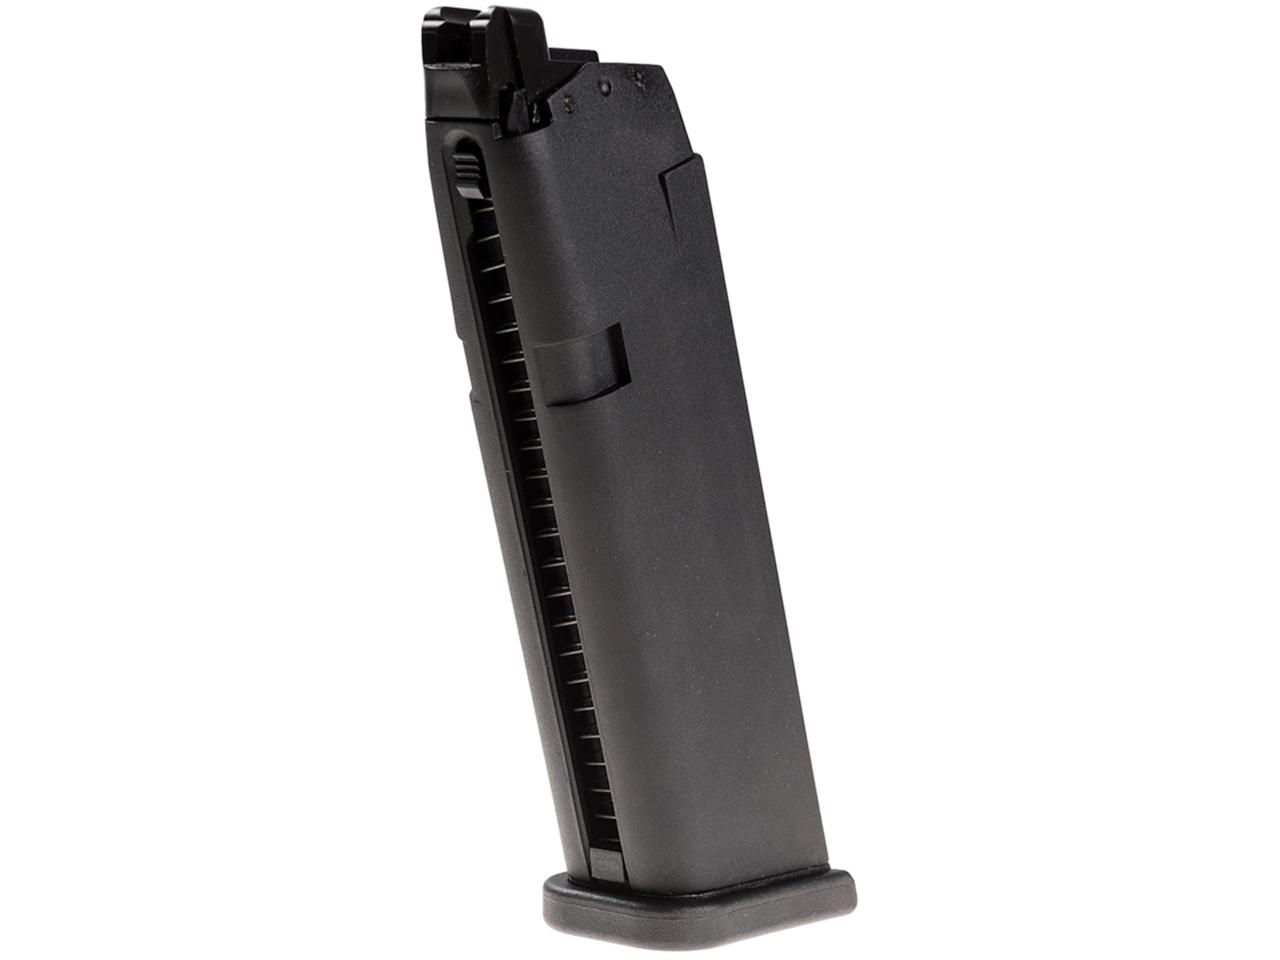 Magazynek Glock 17 Gen4 BlowBack CO2